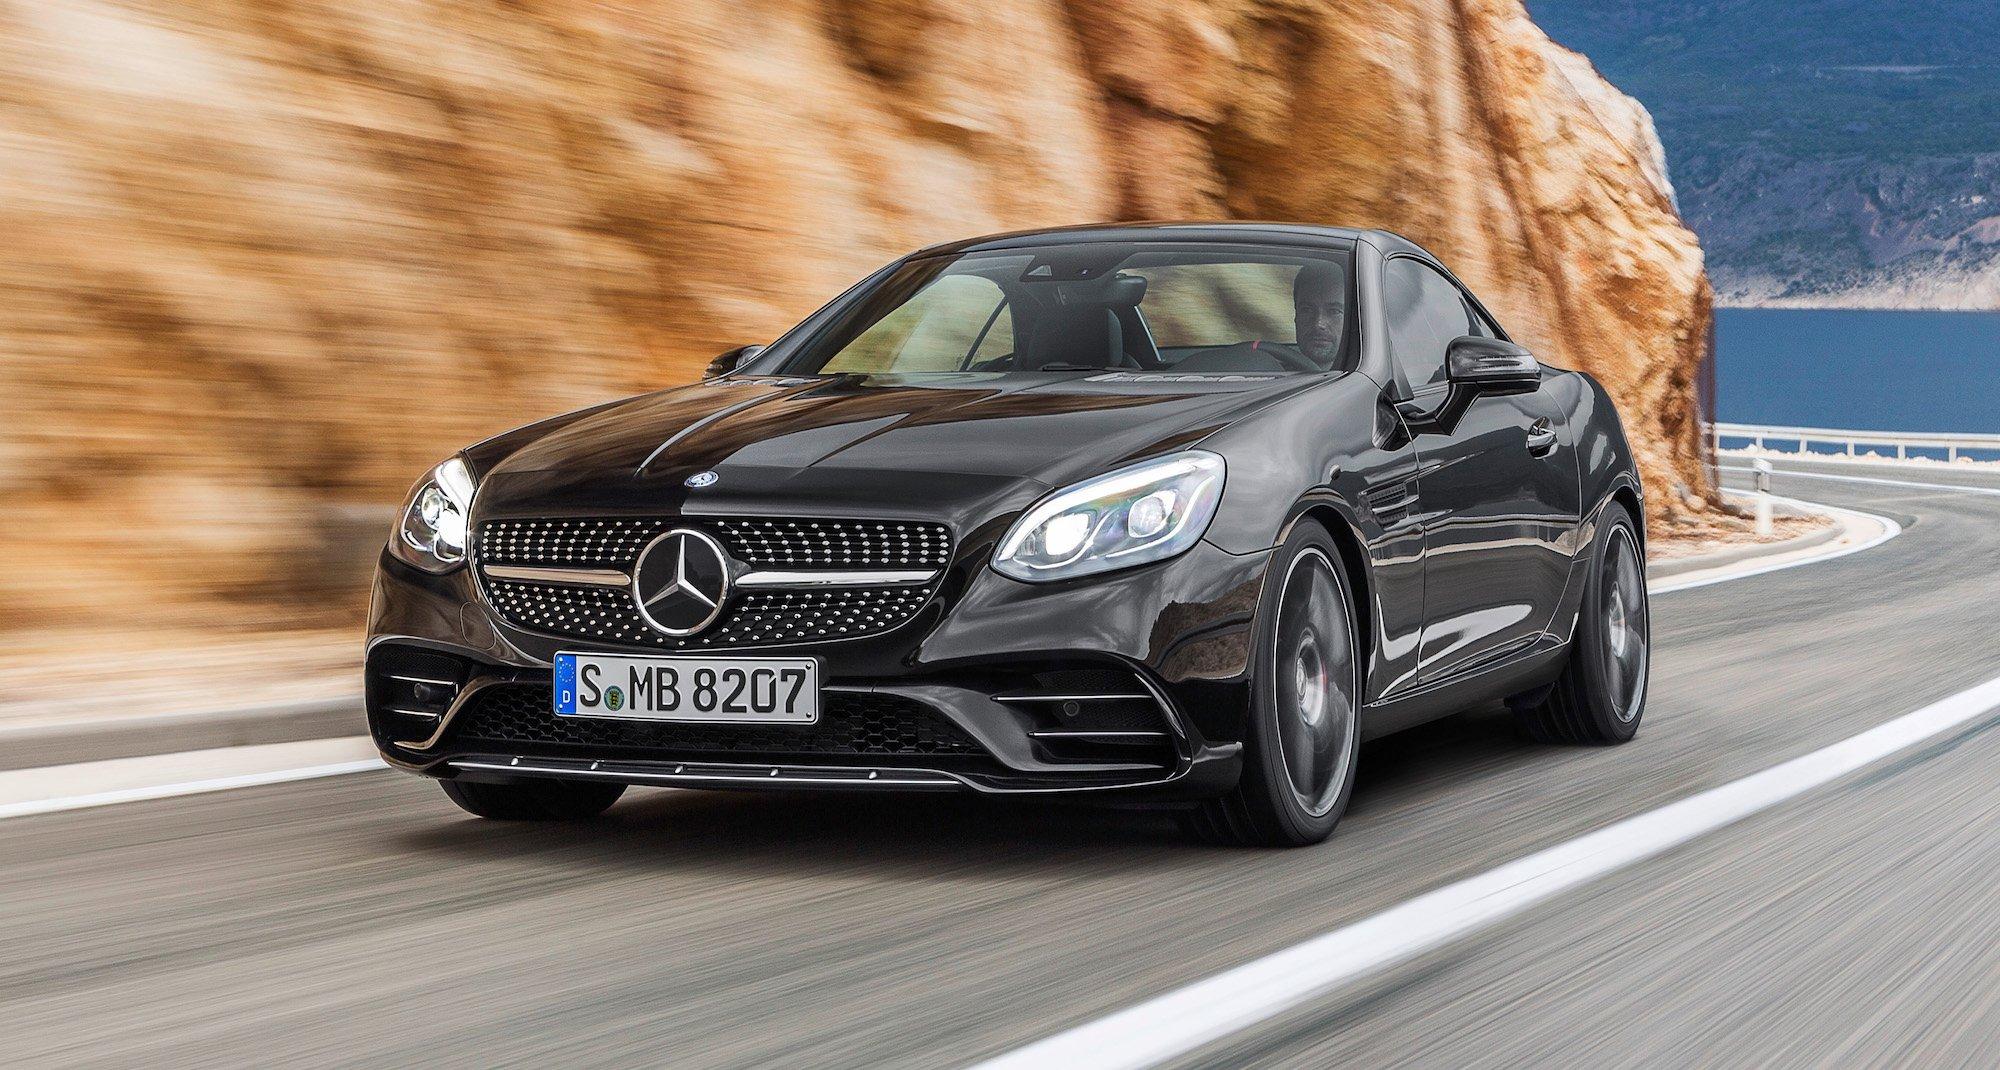 2016 Mercedes Benz Slc Revealed Mercedes Amg Slc43 V6